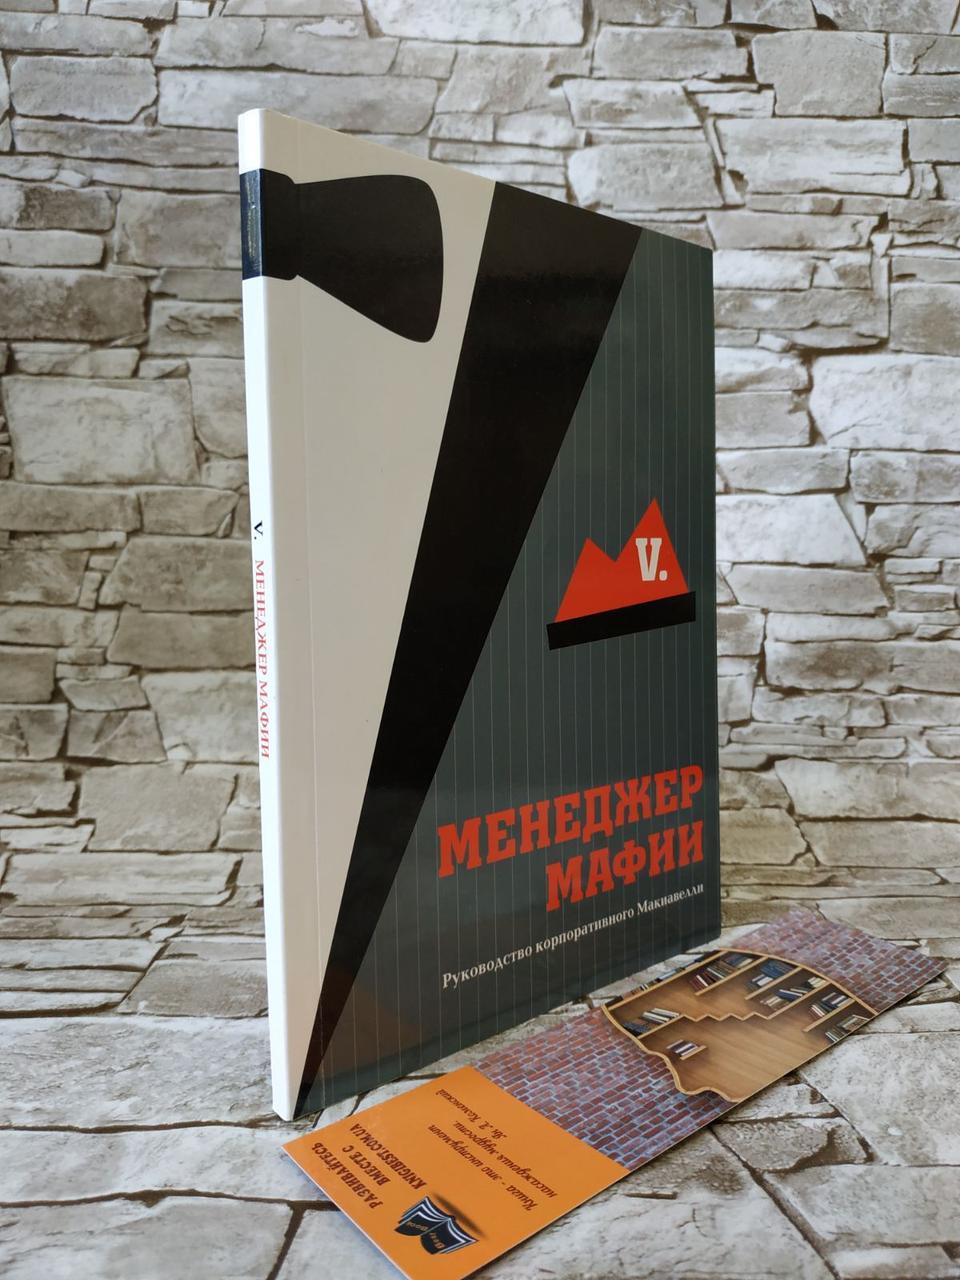 """Книга """"Менеджер Мафии"""" Руководство для корпоративного Макиавелли"""